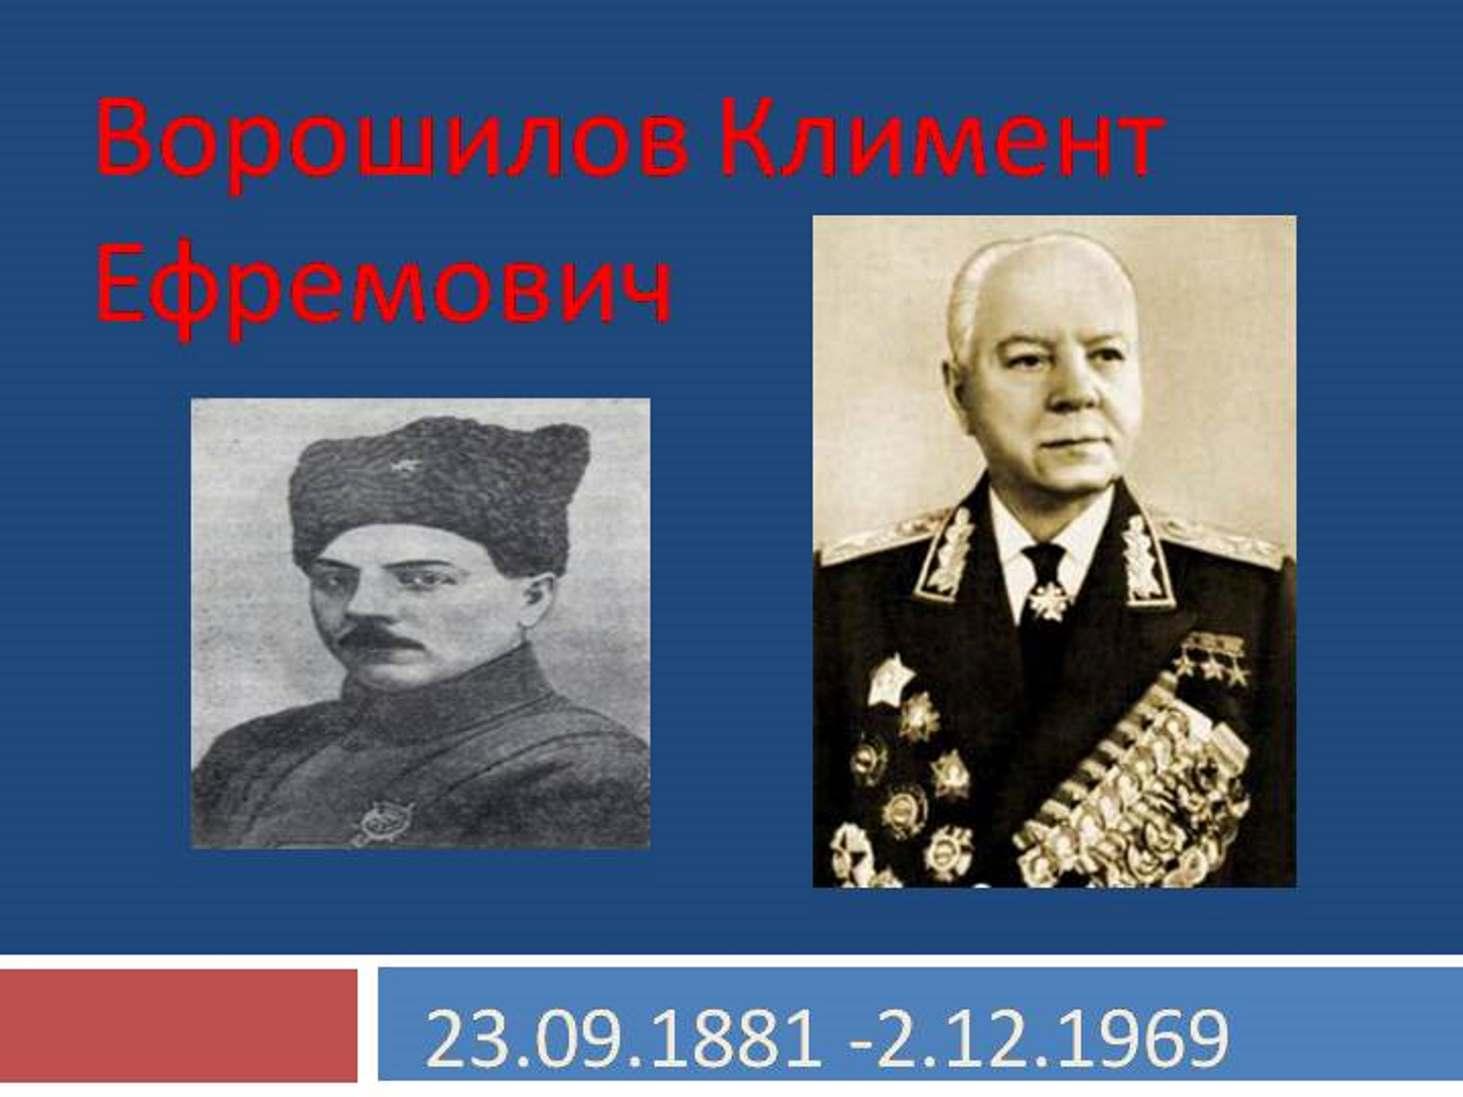 voroshilov-v-istorii-luganska